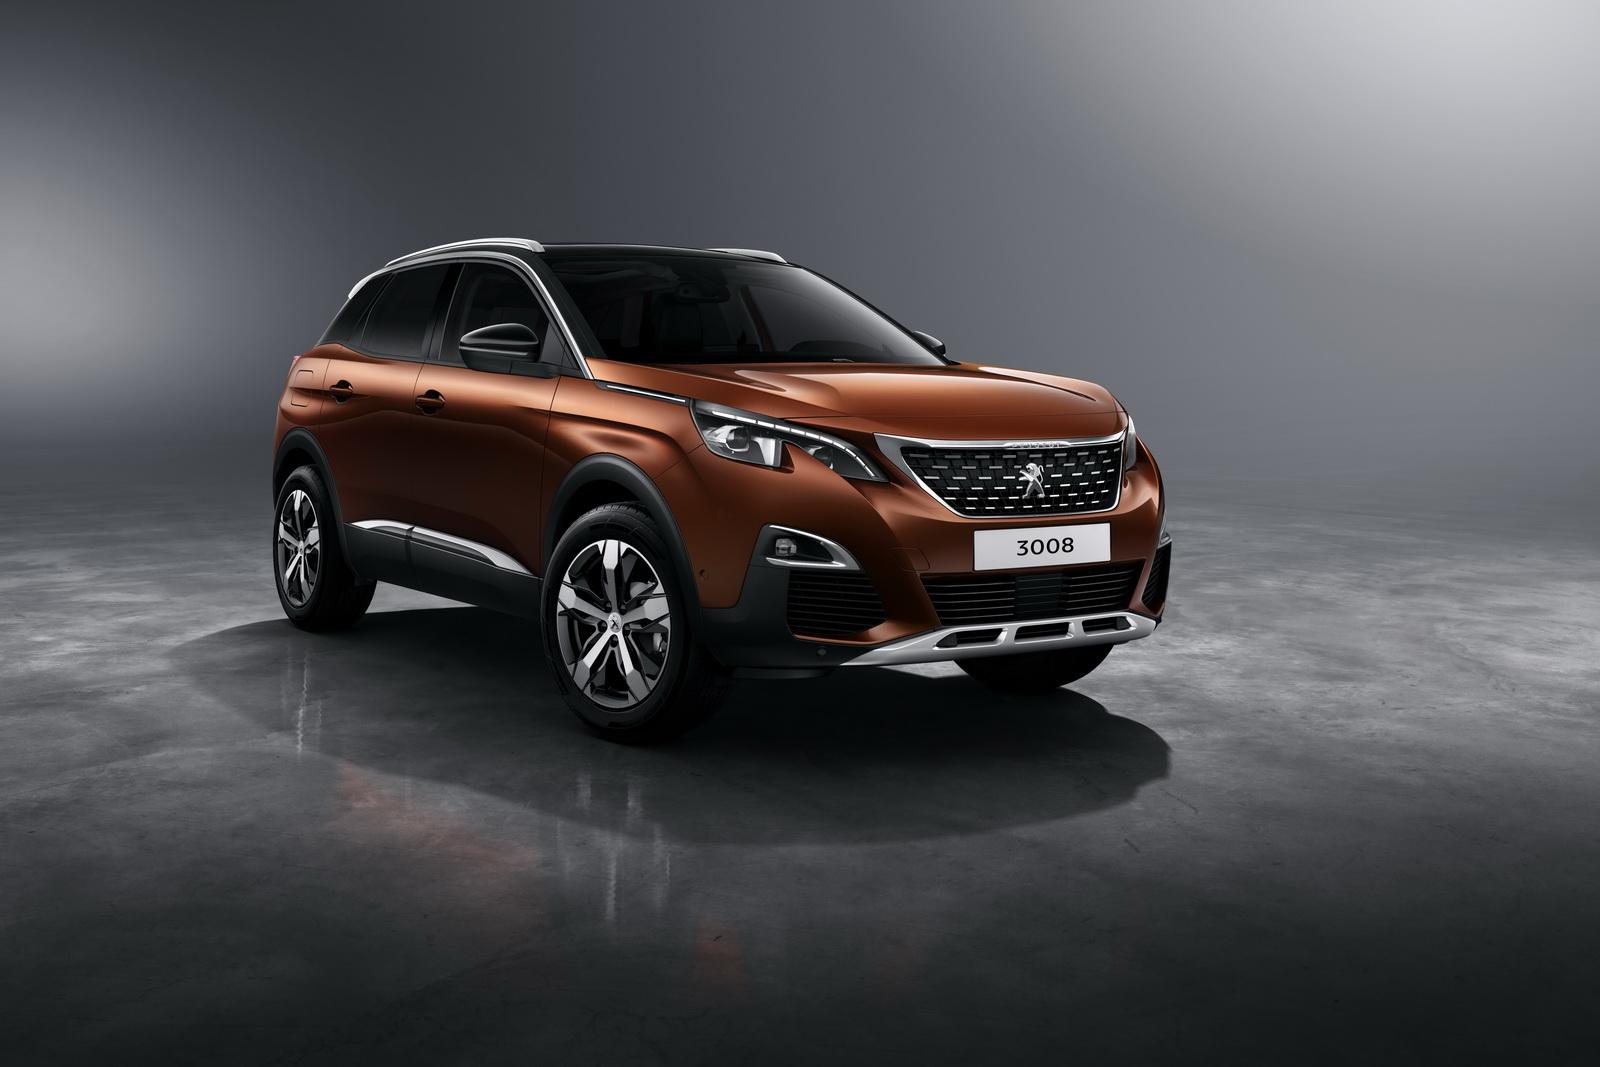 2016-Peugeot3008-14.jpg